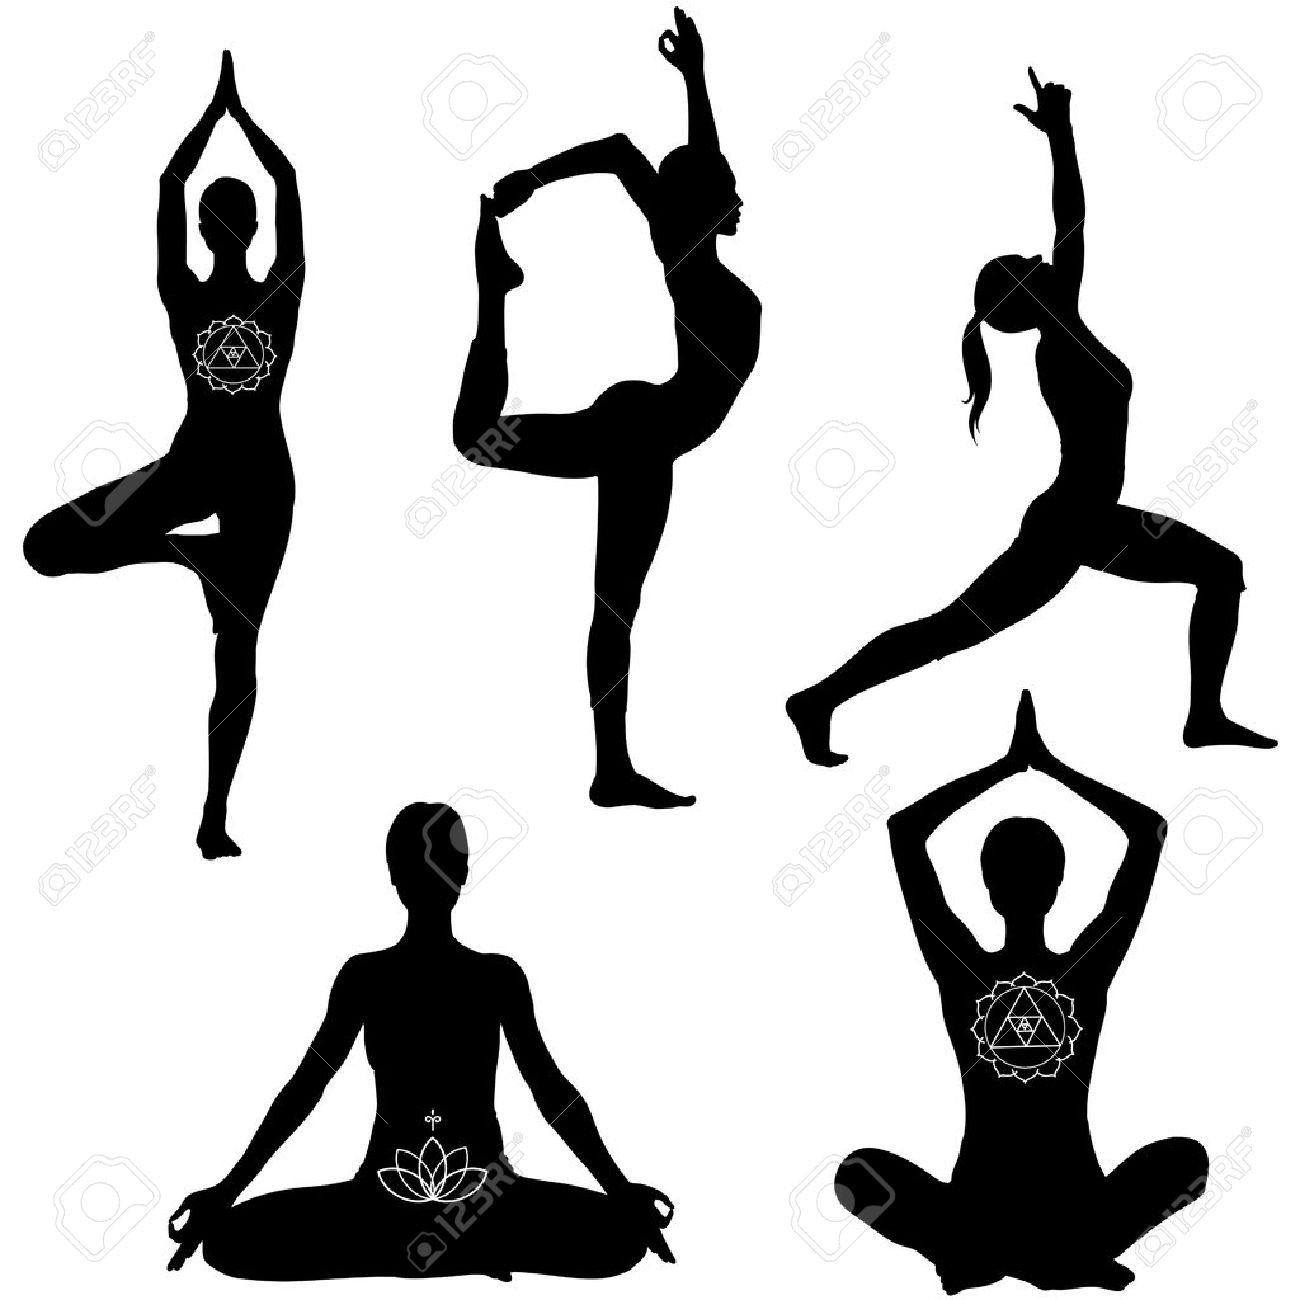 lotus pose : Yoga poses: lotus